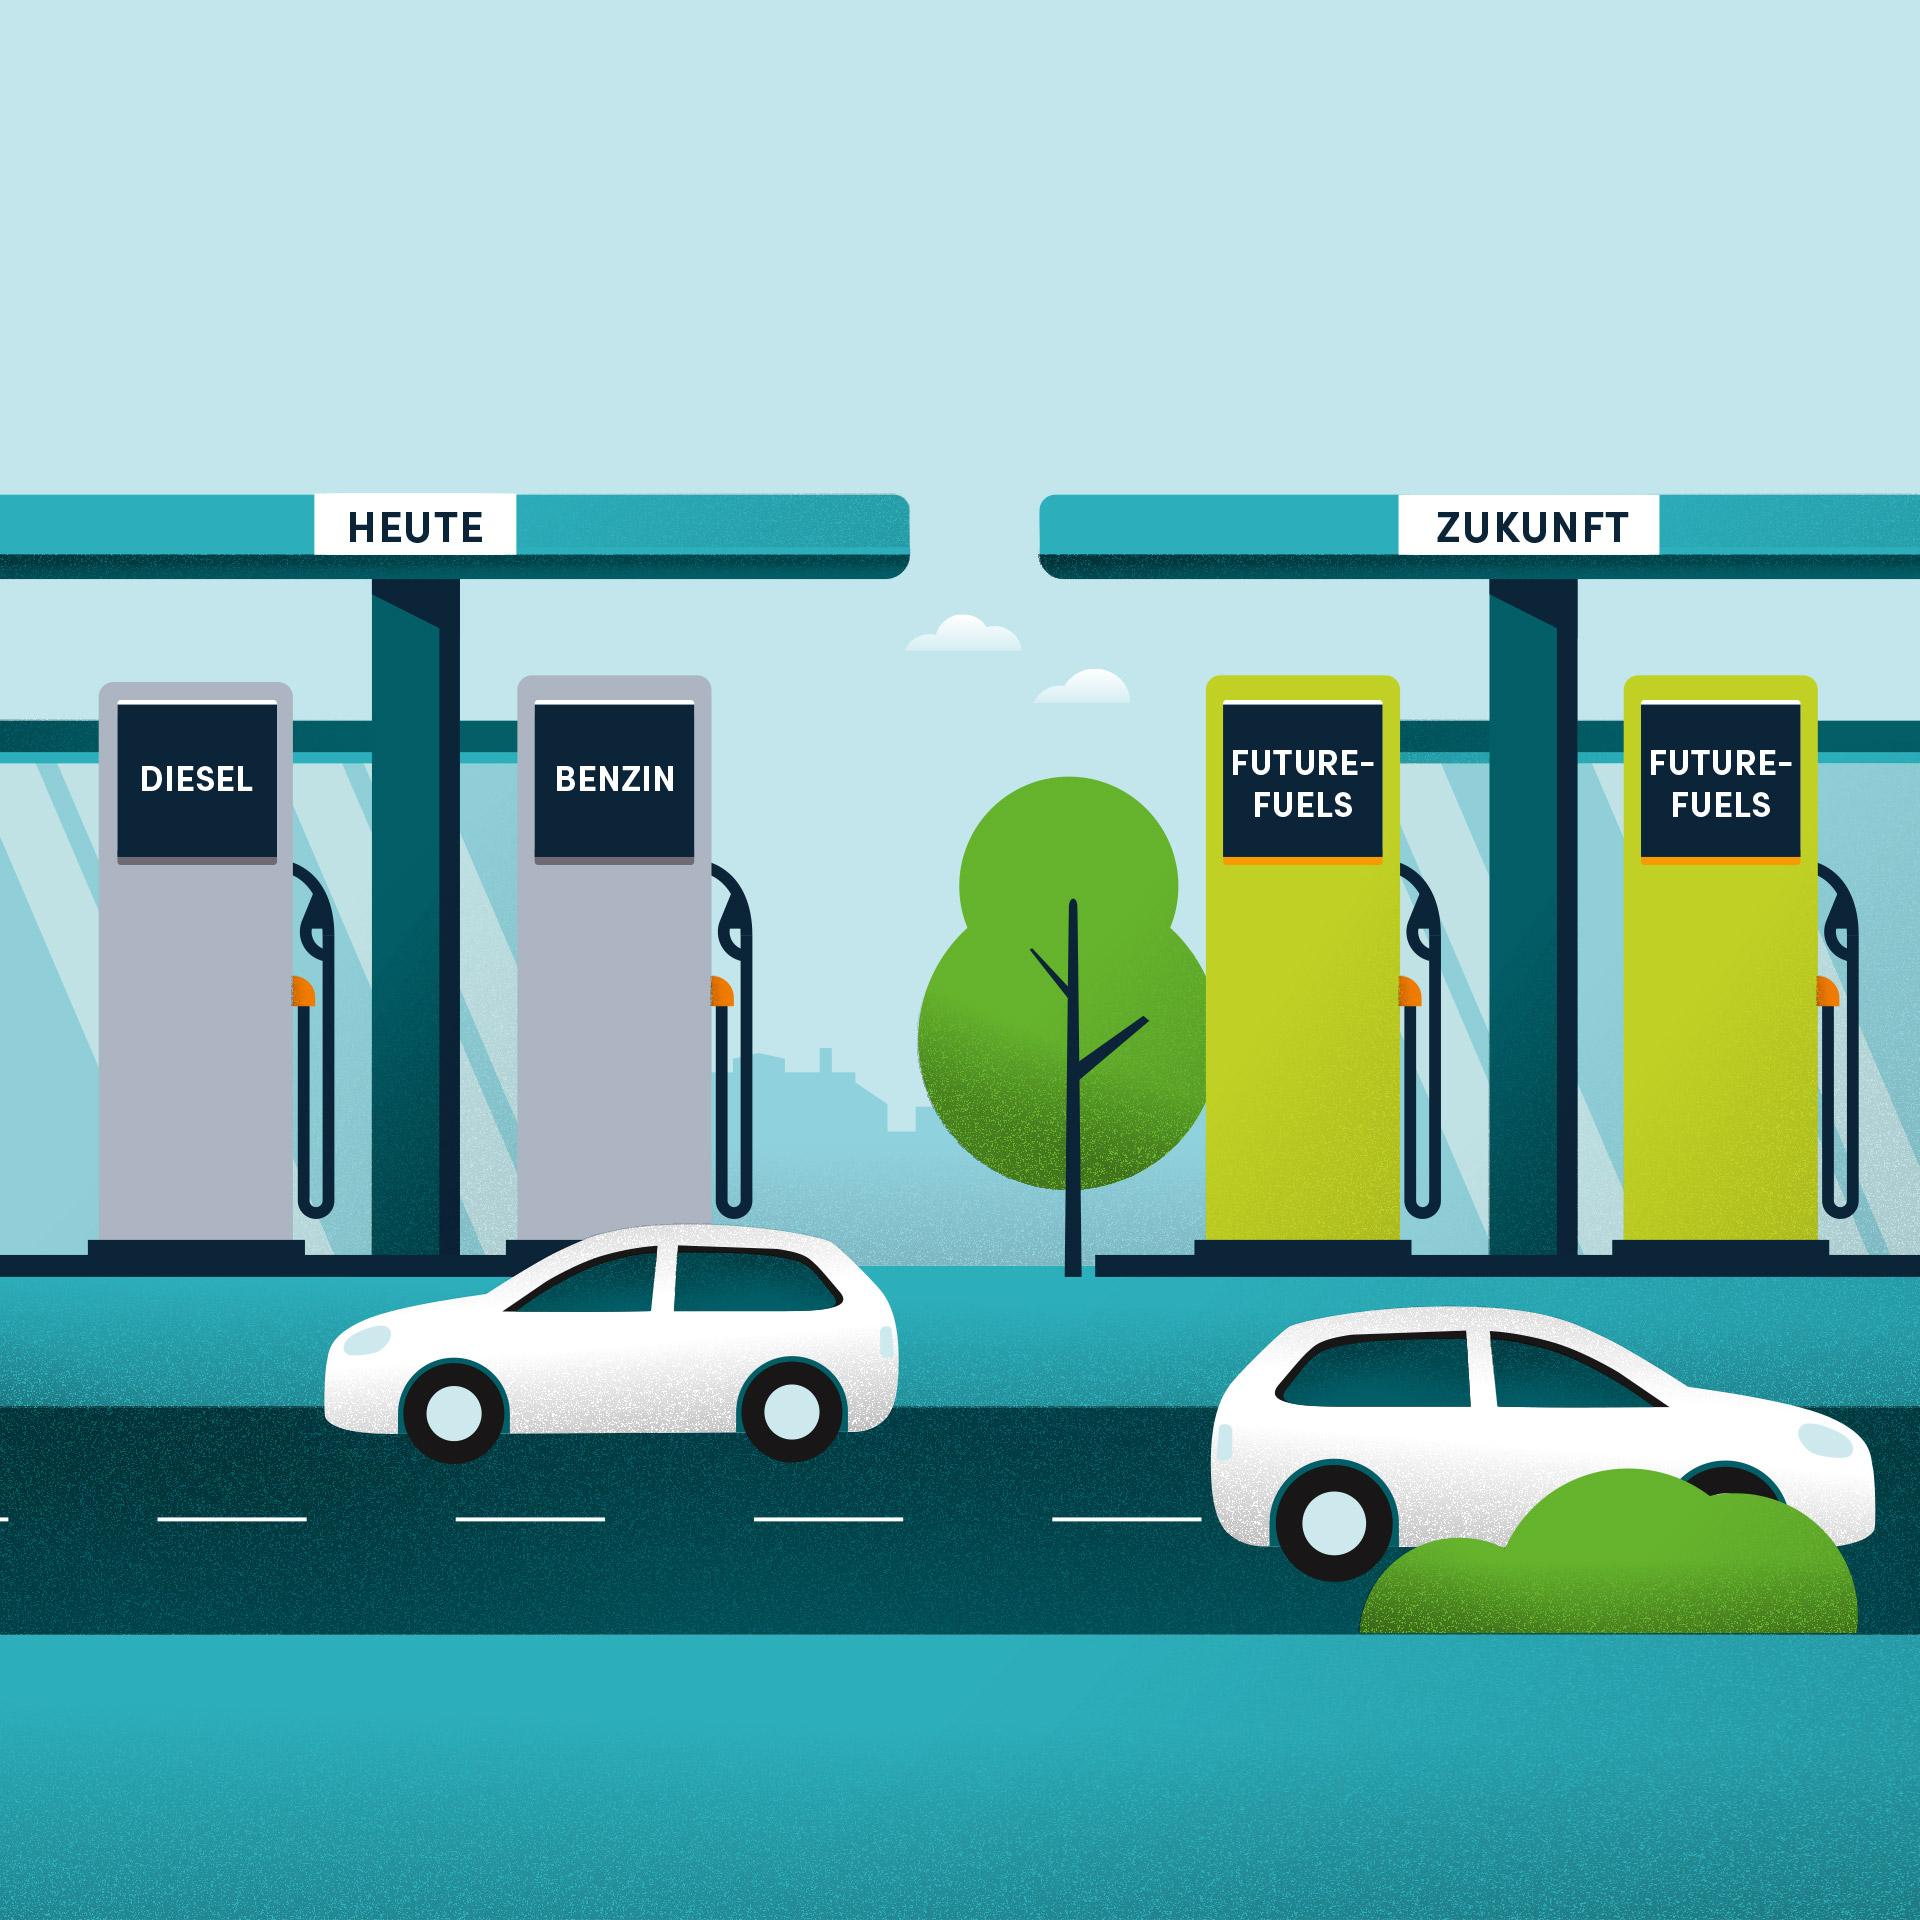 Die Zukunft fließt weiter - Illustration einer Tankstelle mit Future-Fuels